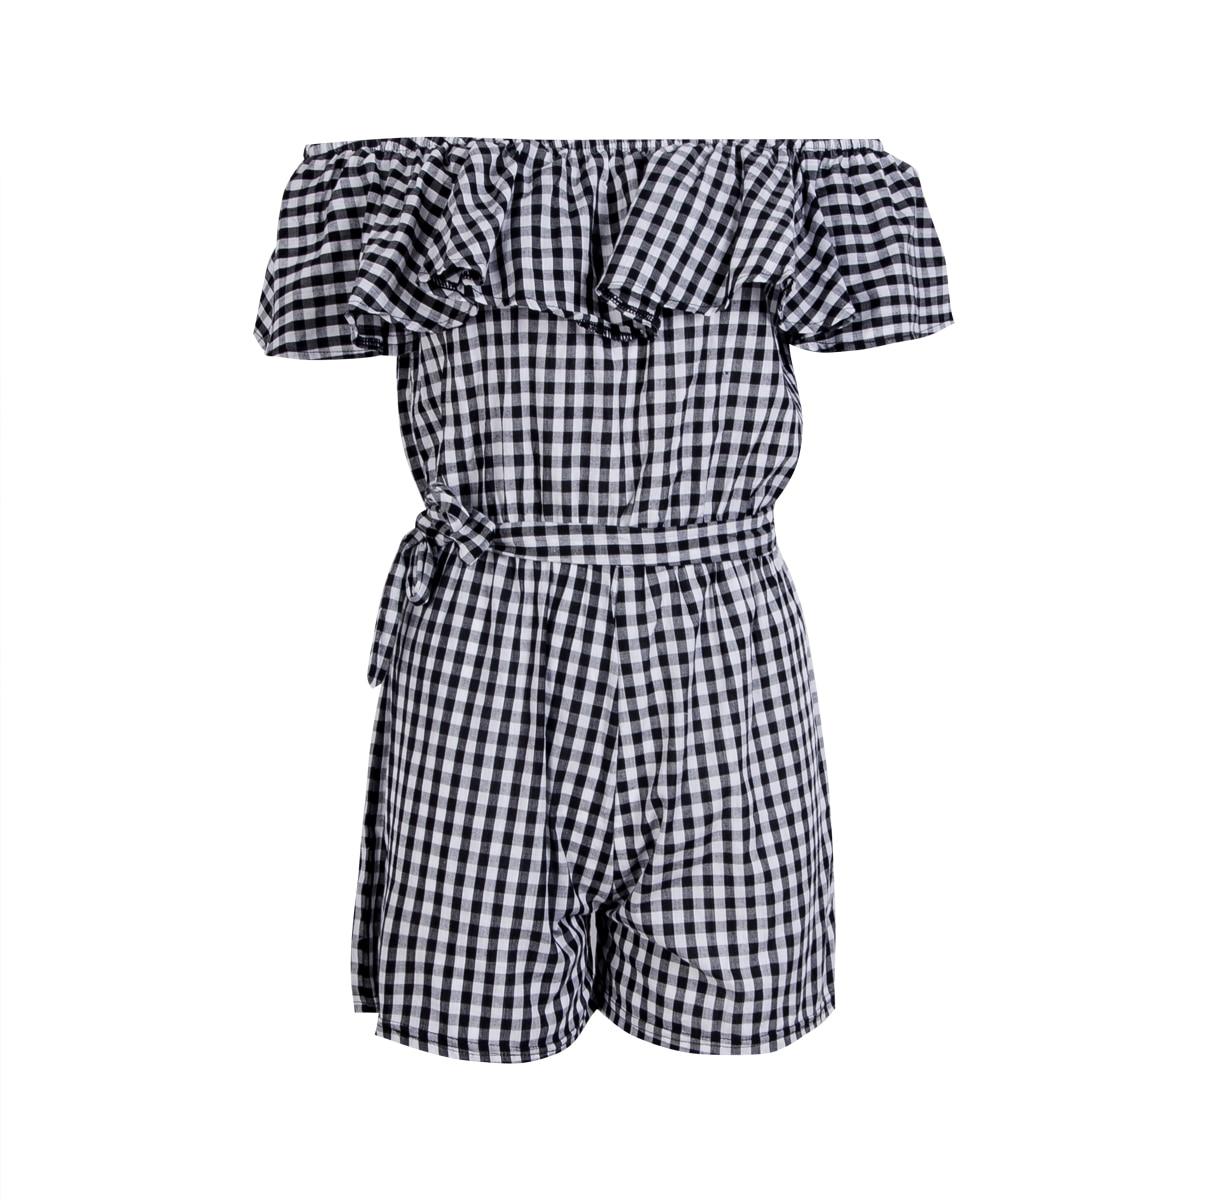 UK Playsuit Womens Holiday Floral Mini Playsuits <font><b>Off</b></font> <font><b>Shoulder</b></font> Ladies Shorts <font><b>Ruffles</b></font> <font><b>Rompers</b></font> Womens Jumpsuit <font><b>Plaid</b></font> Summer Clothes